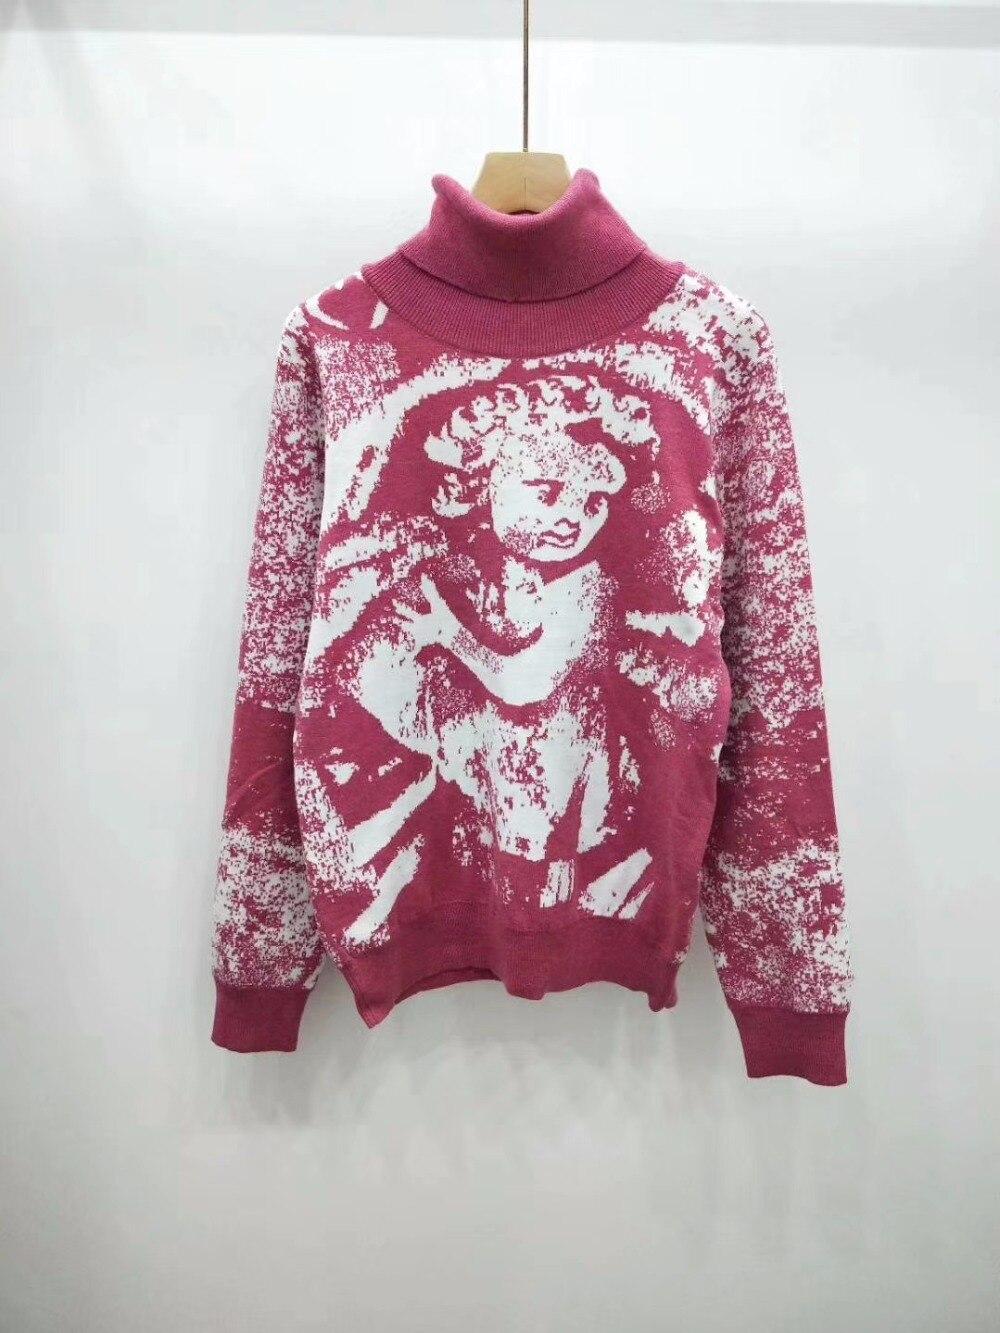 Blusas de gola alta Rosa Top Grosso Mulheres Elegantes Manga Comprida Stretchy Moda 2018 Novos Pullovers Blusas Femininas de Alta Qualidade